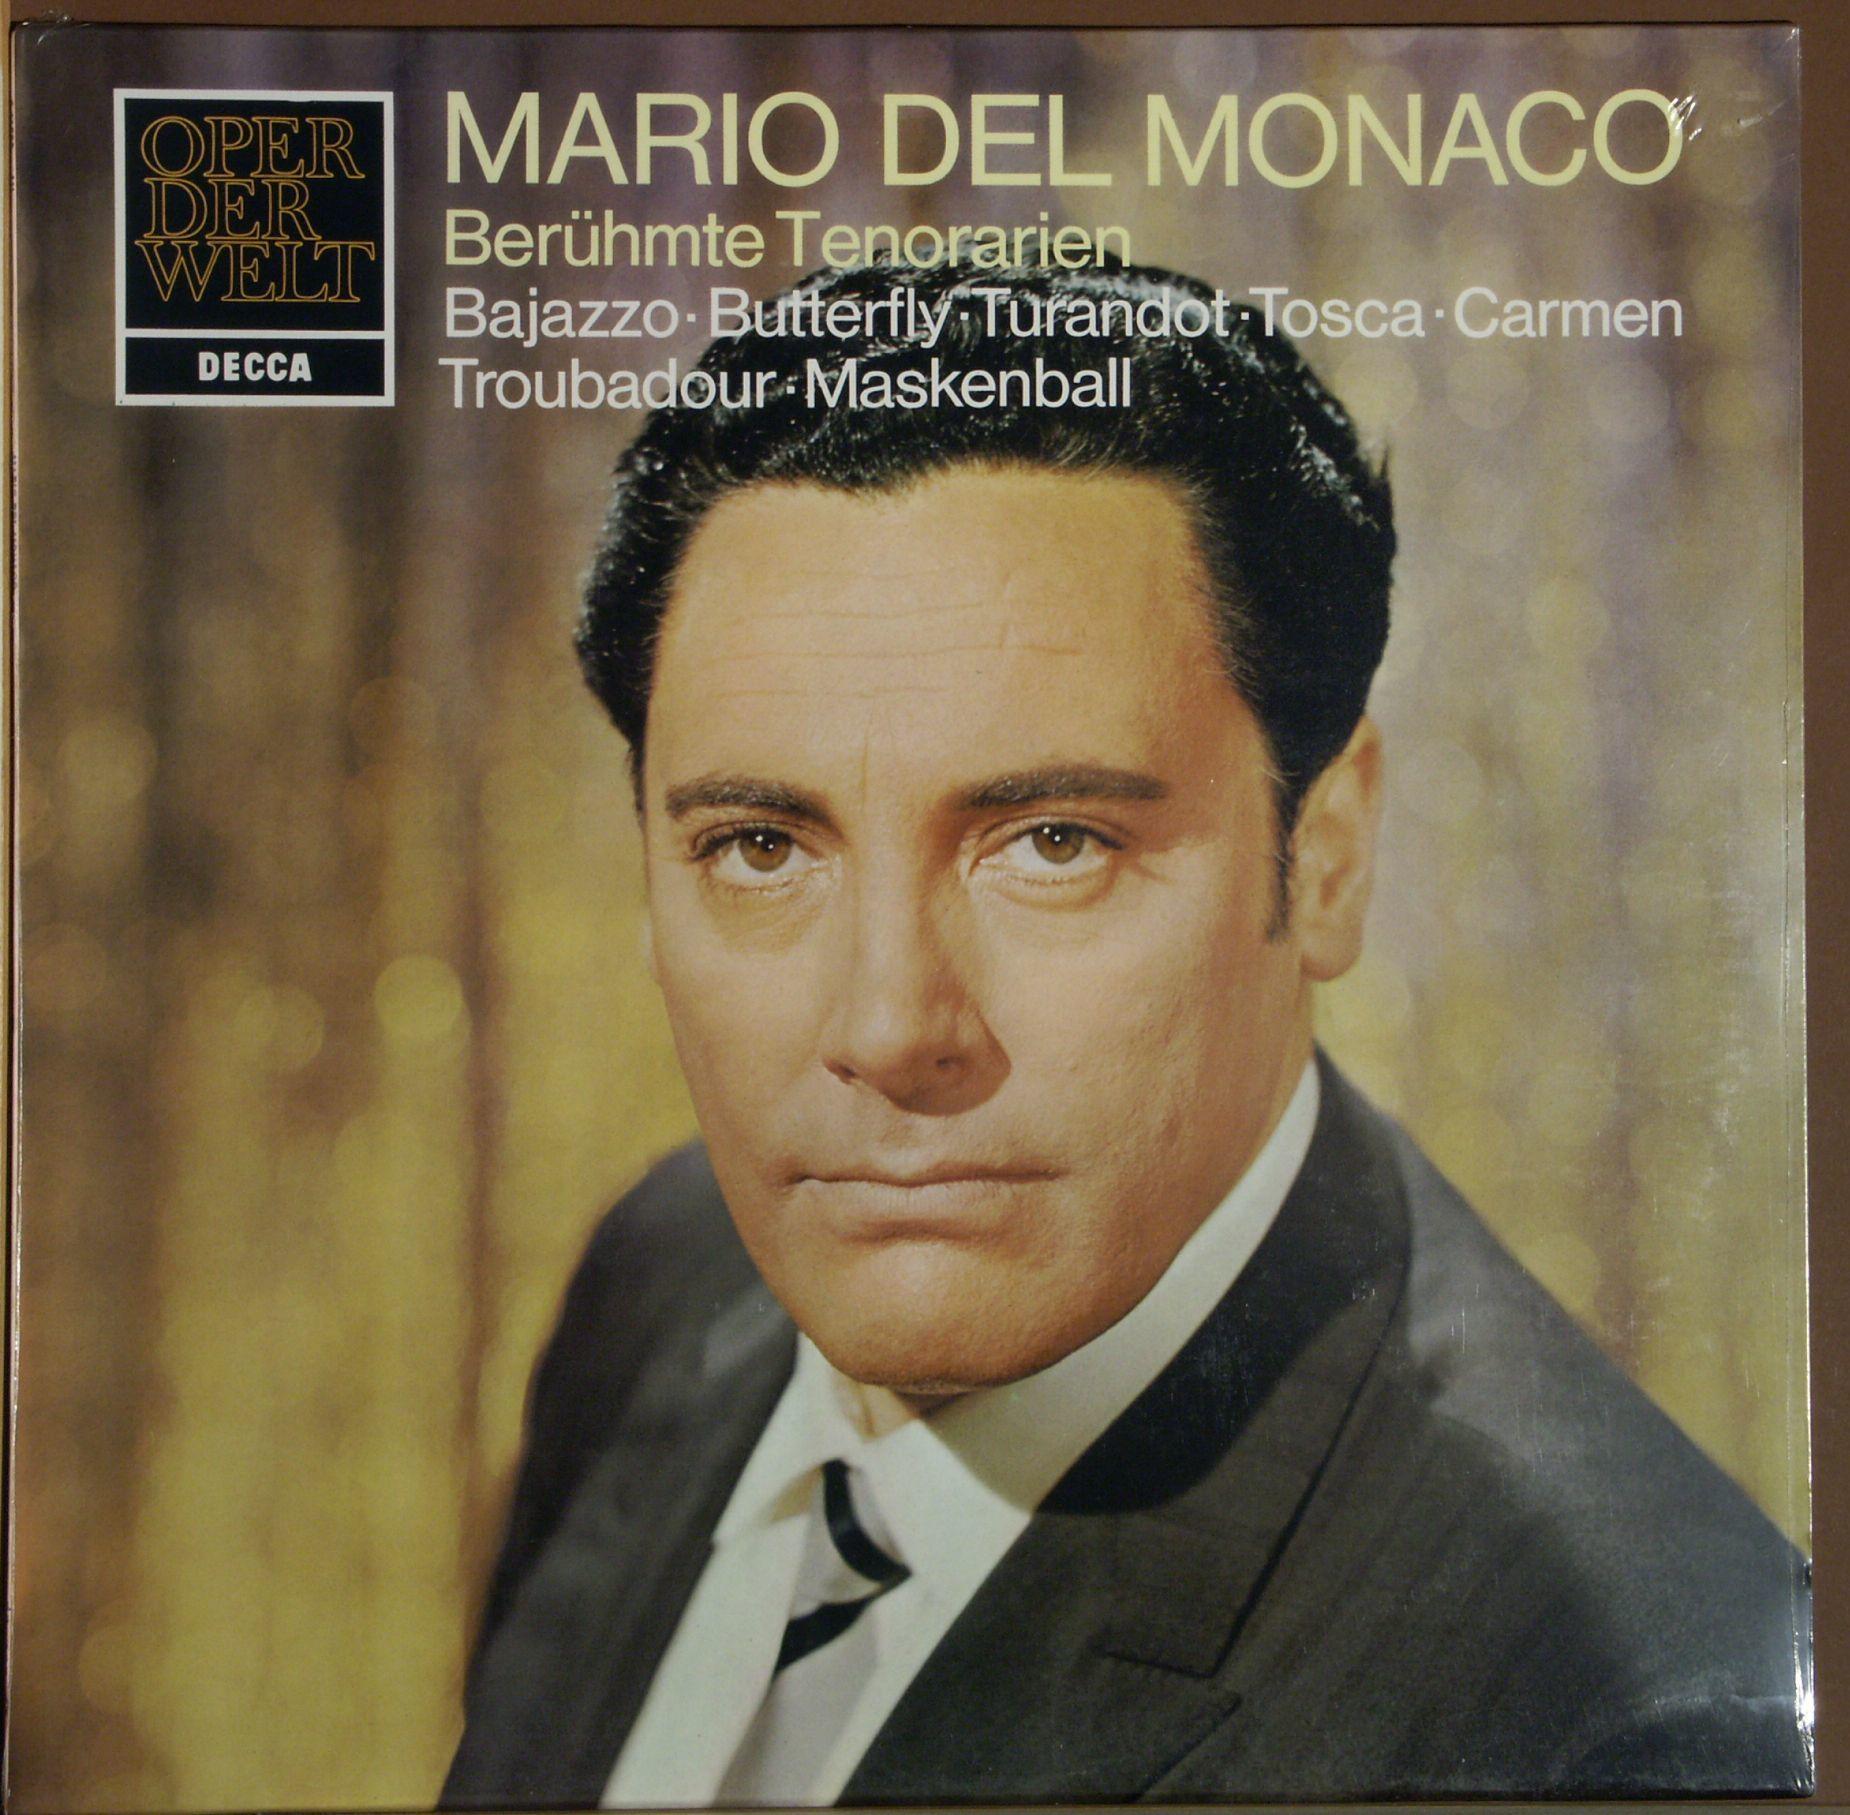 del Monaco, Mario | Bizet | Verdi | Puccini, Giaco - Mario Del Monaco, Berühmte Tenorarien - 33T